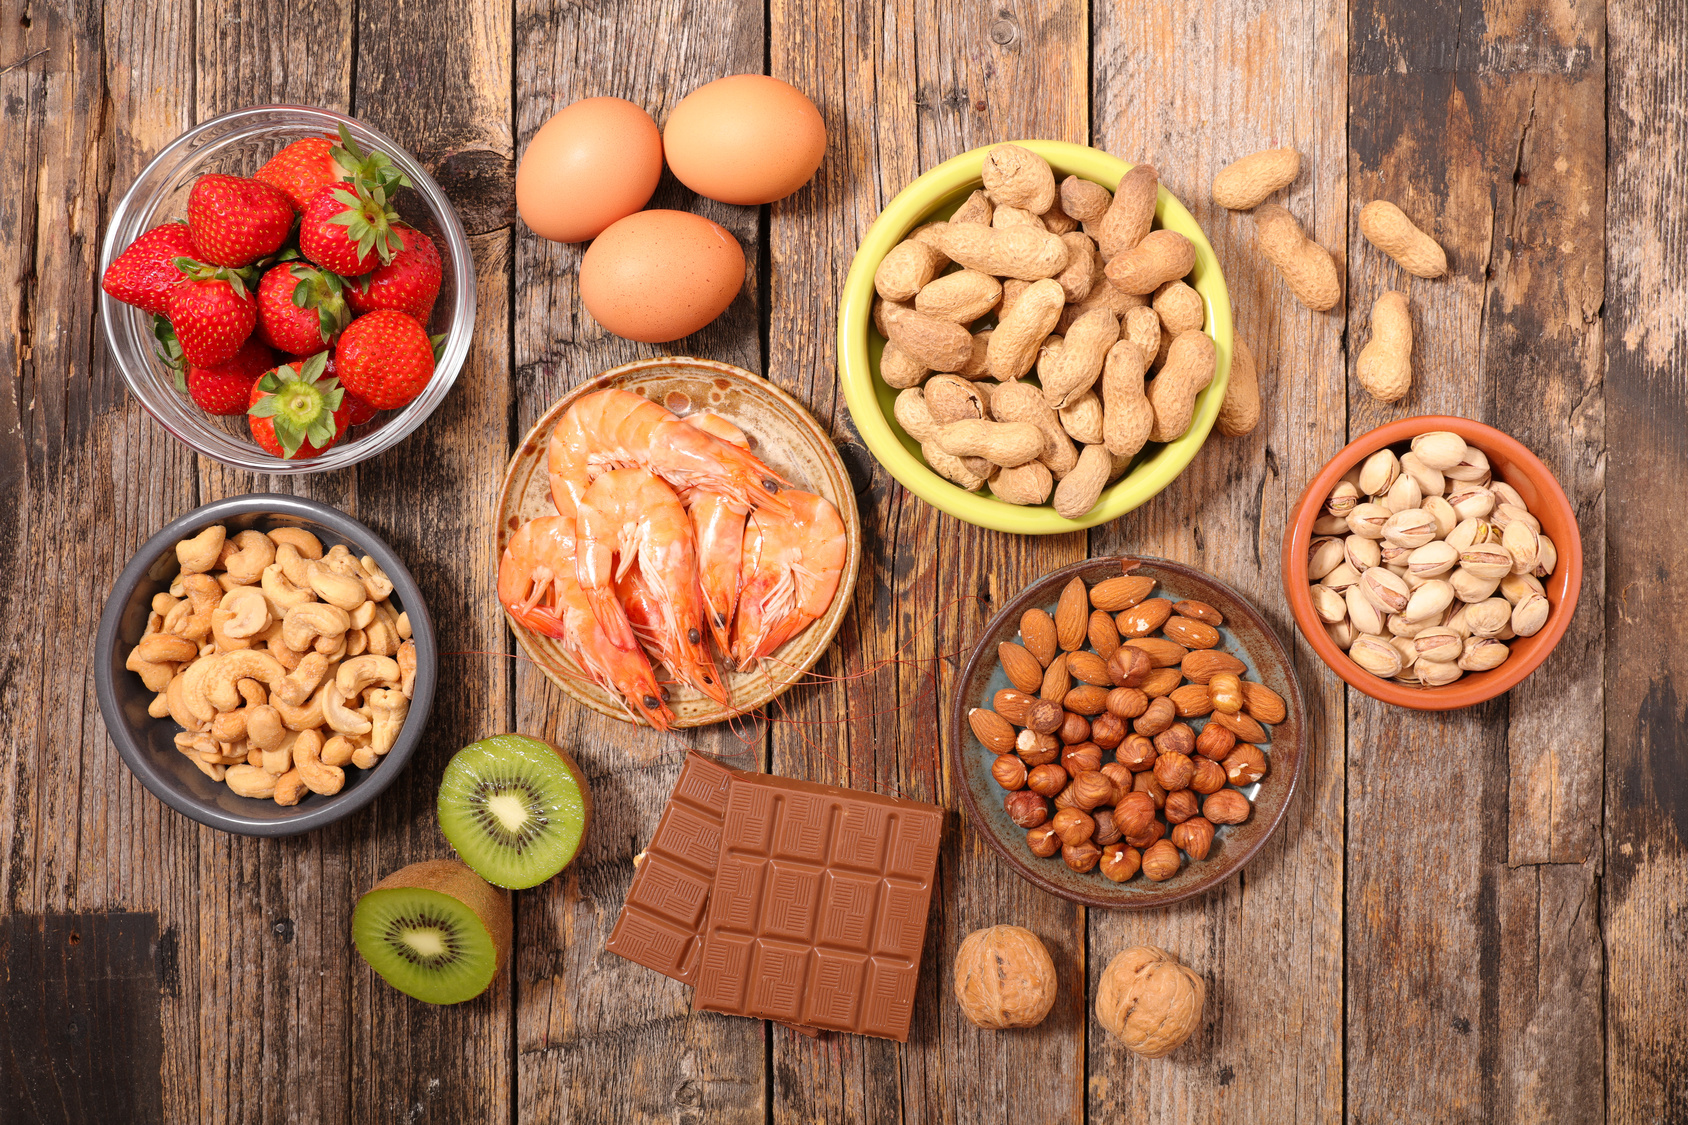 """Sono migliaia le molecole """"estranee"""" che entrano in contatto con la nostra barriera intestinale: potenzialmente ogni cibo può scatenare una reazione avversa. Ma qual è la durata di allergie e intolleranze alimentari?"""